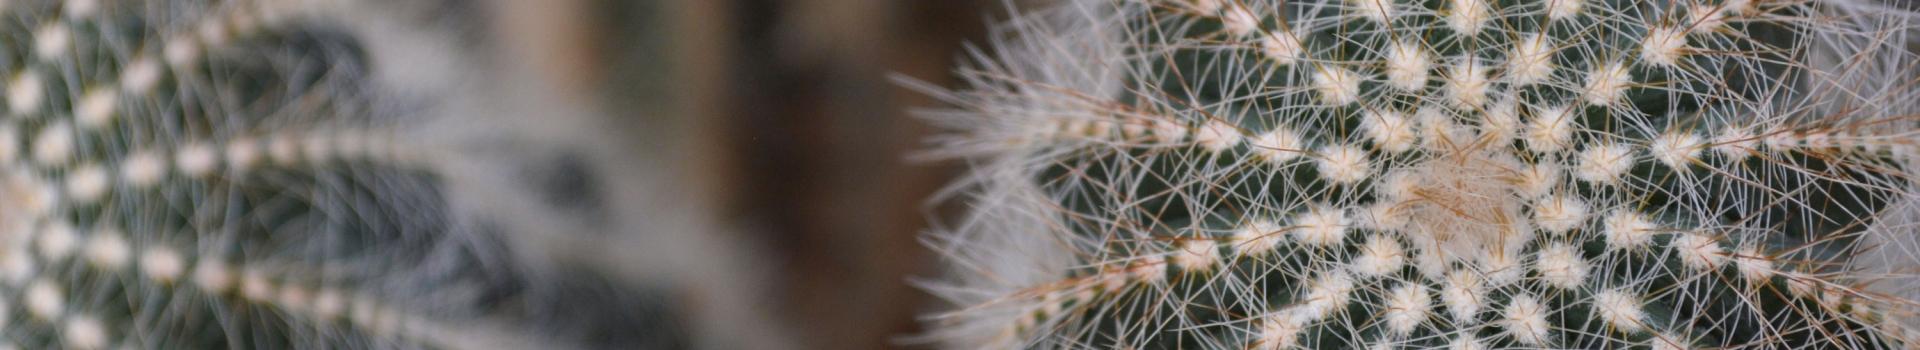 گیاه کاکتوس